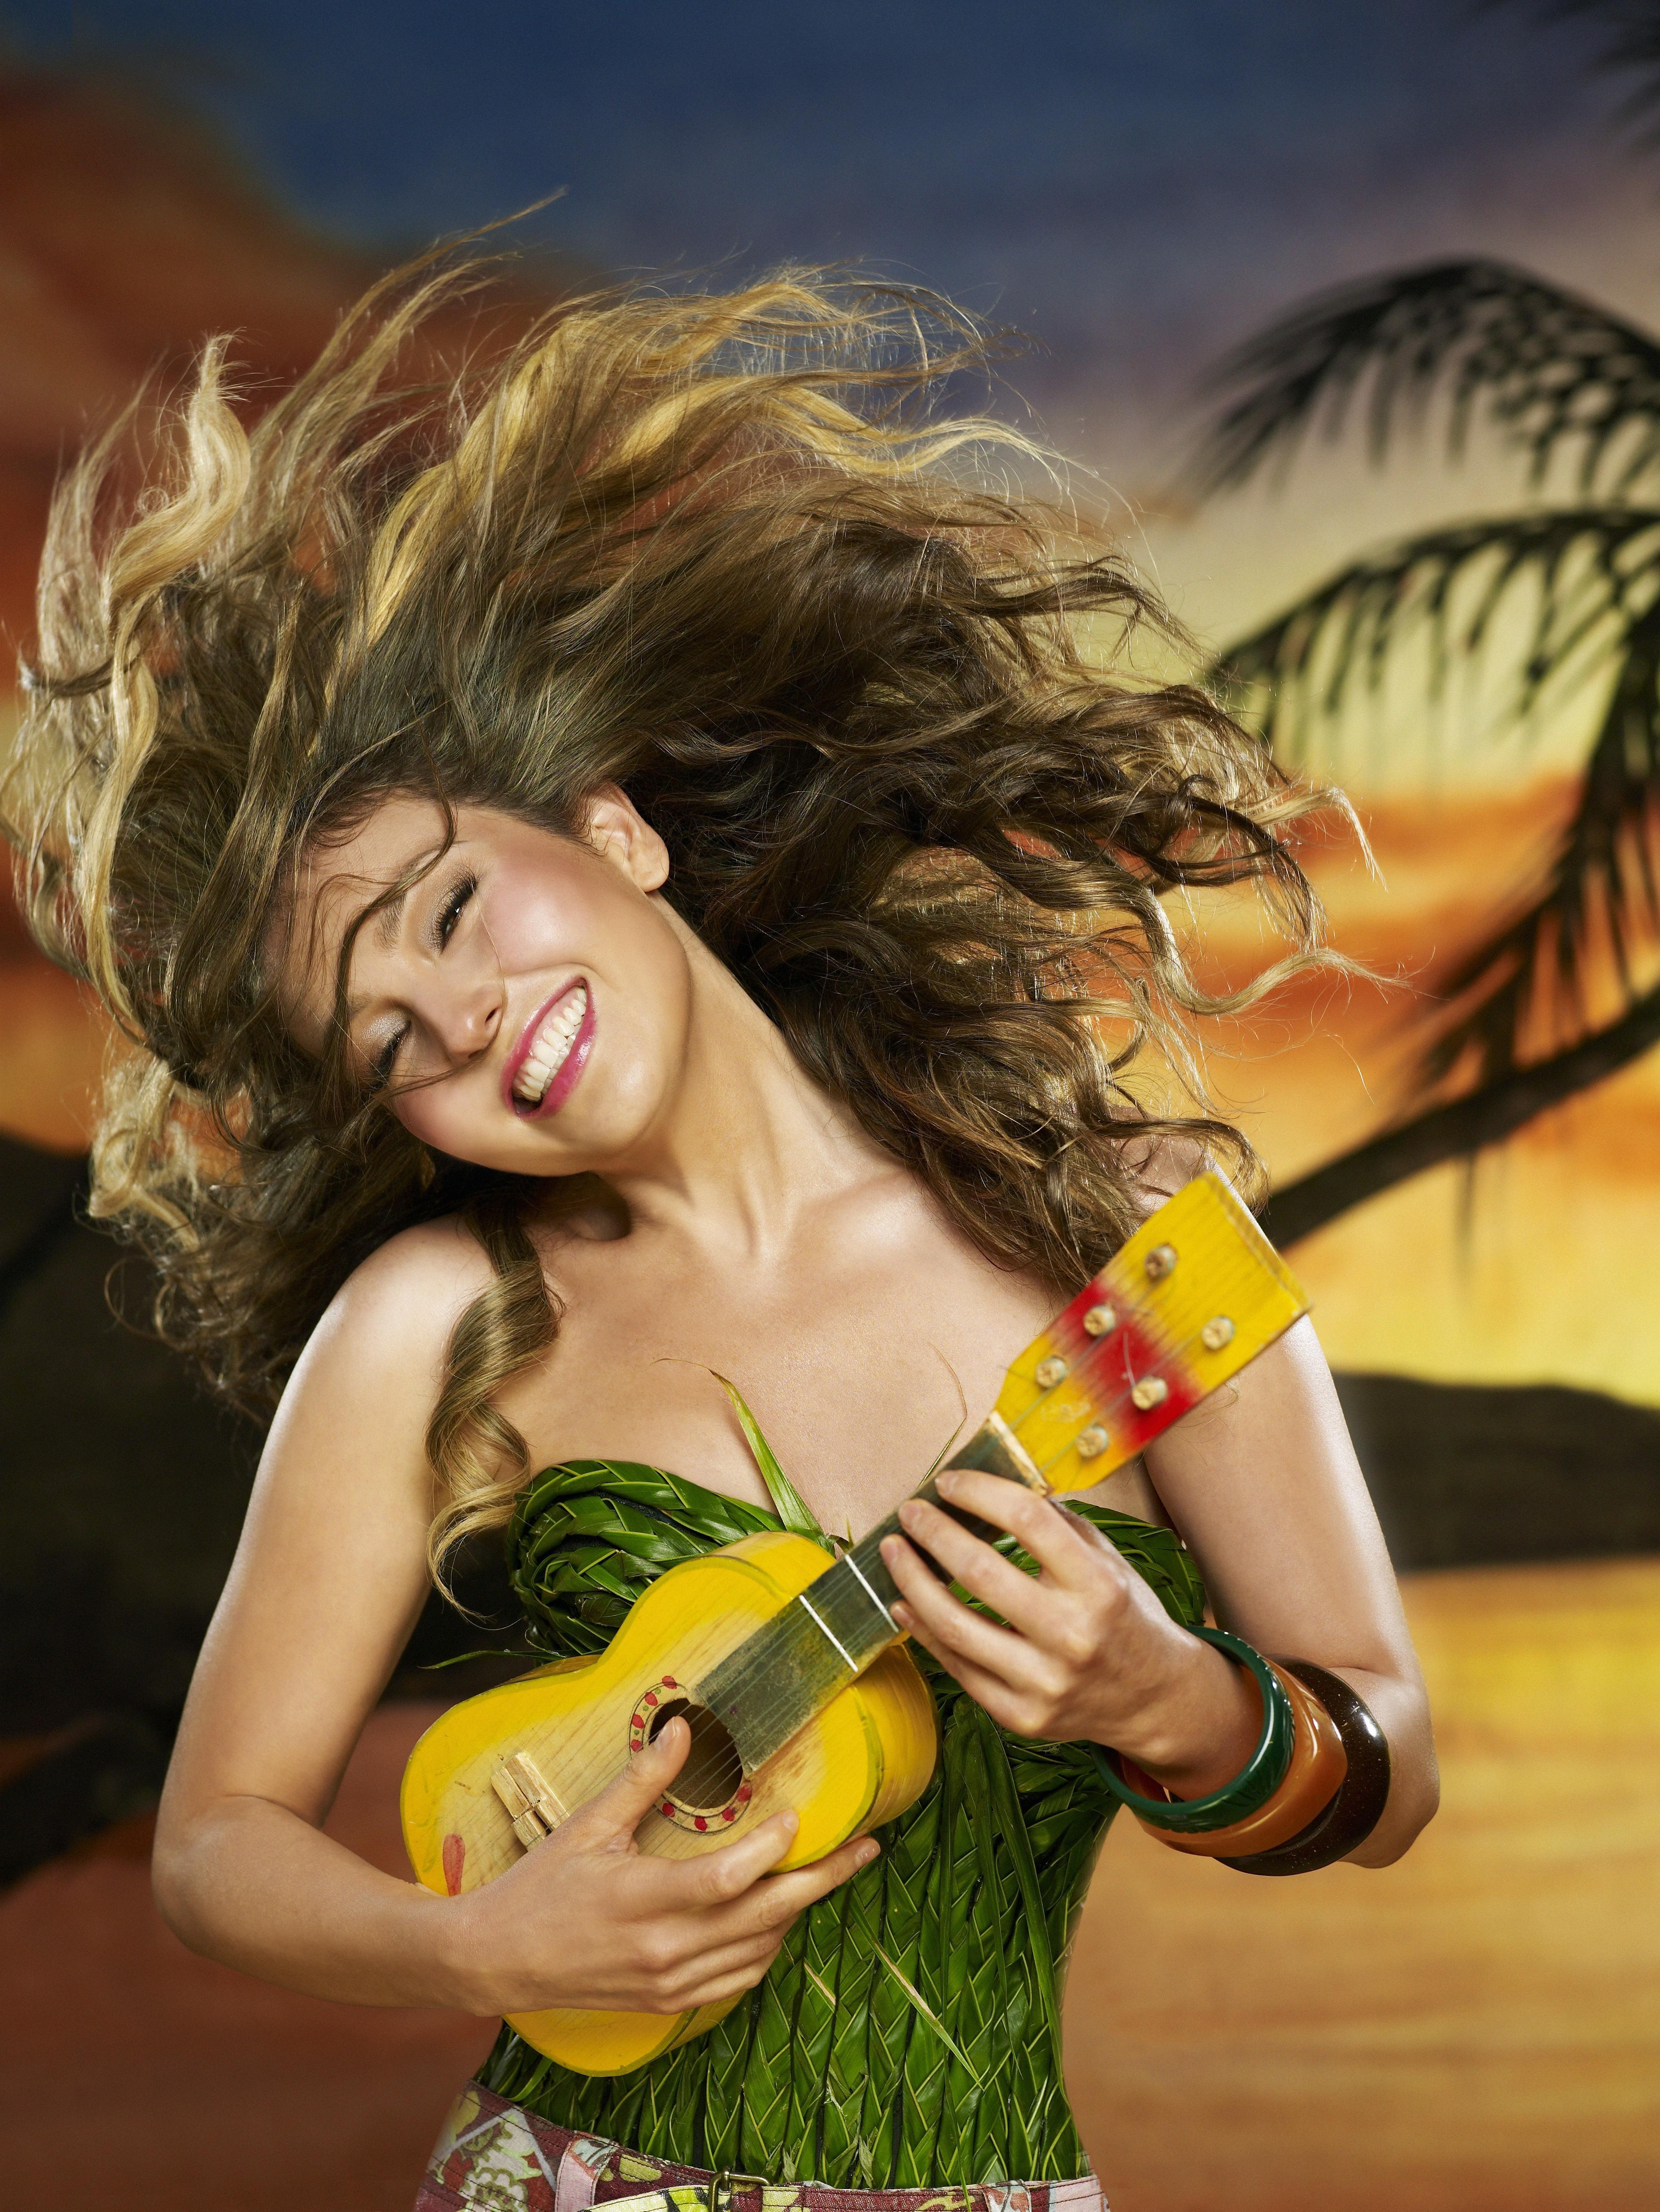 thalia music promos lunada 003